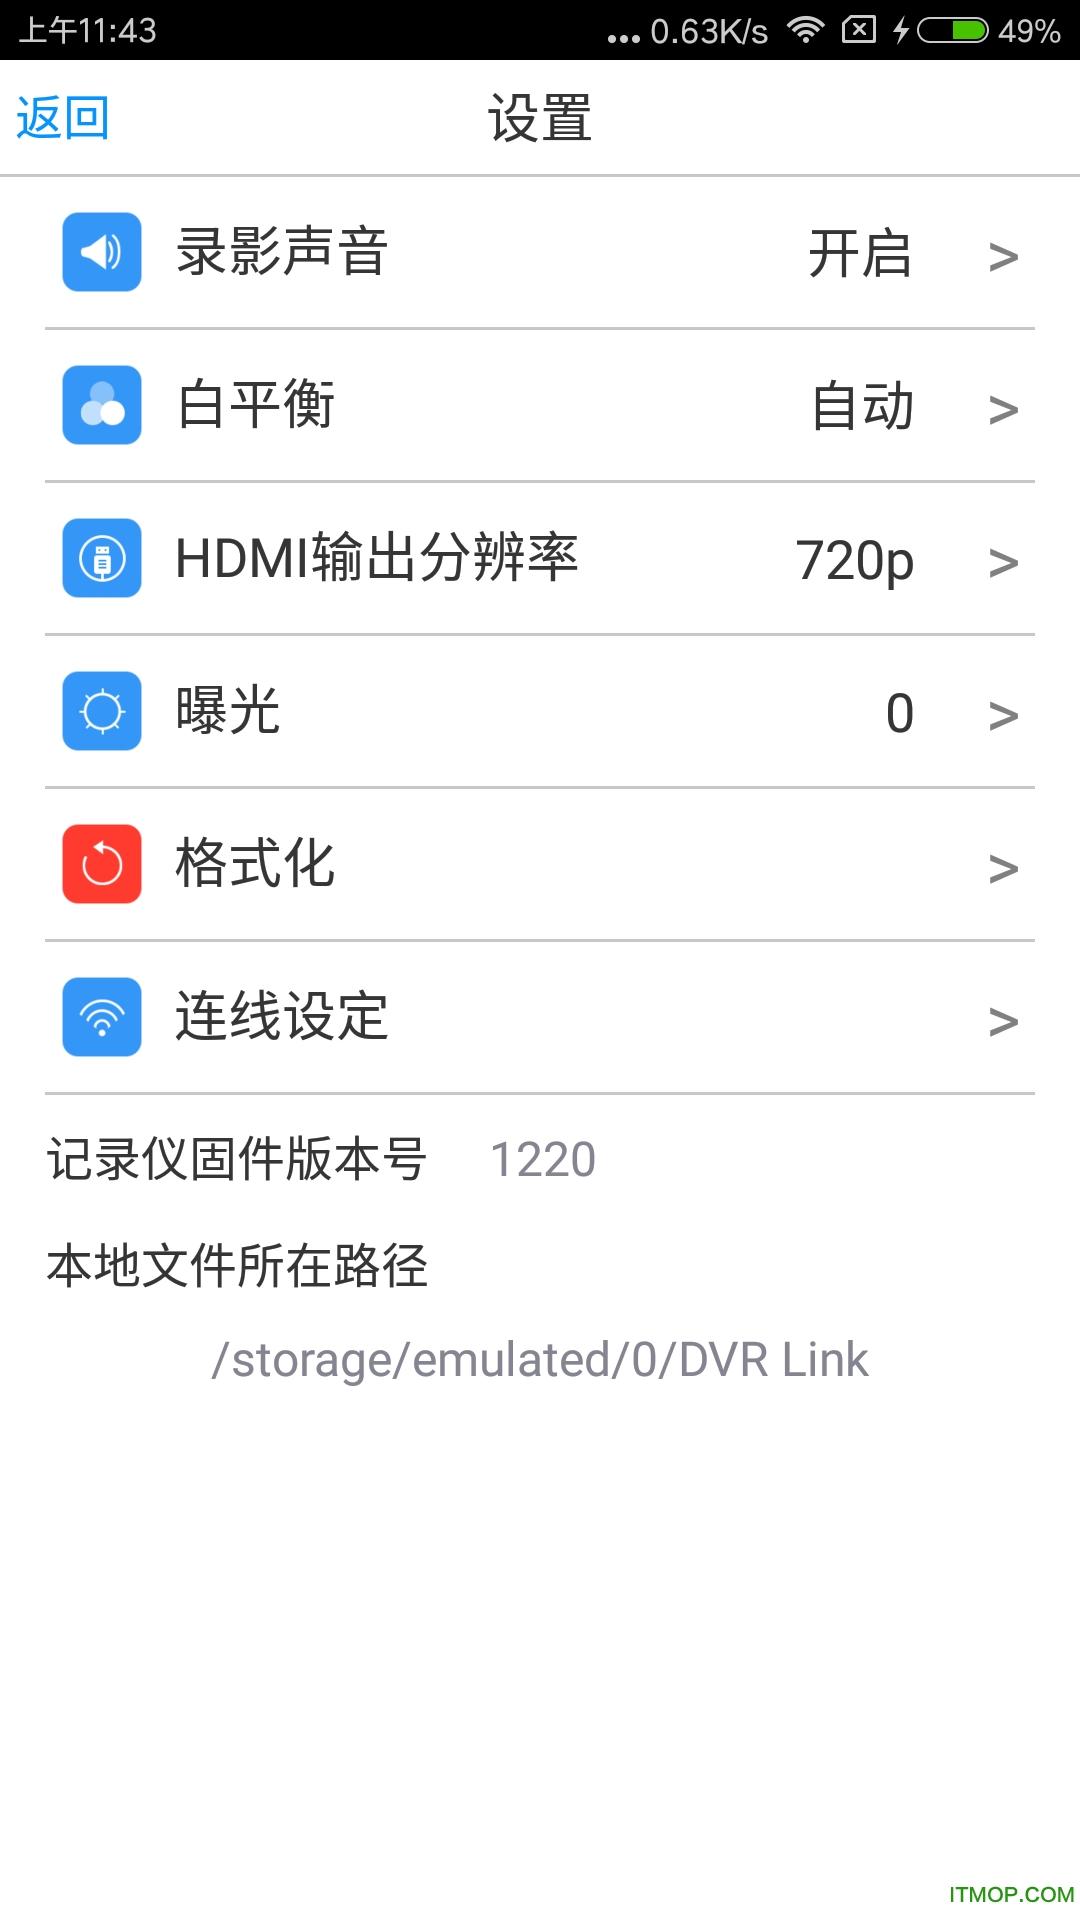 dvr link行车记录仪 v1.2.6 官网安卓版 1